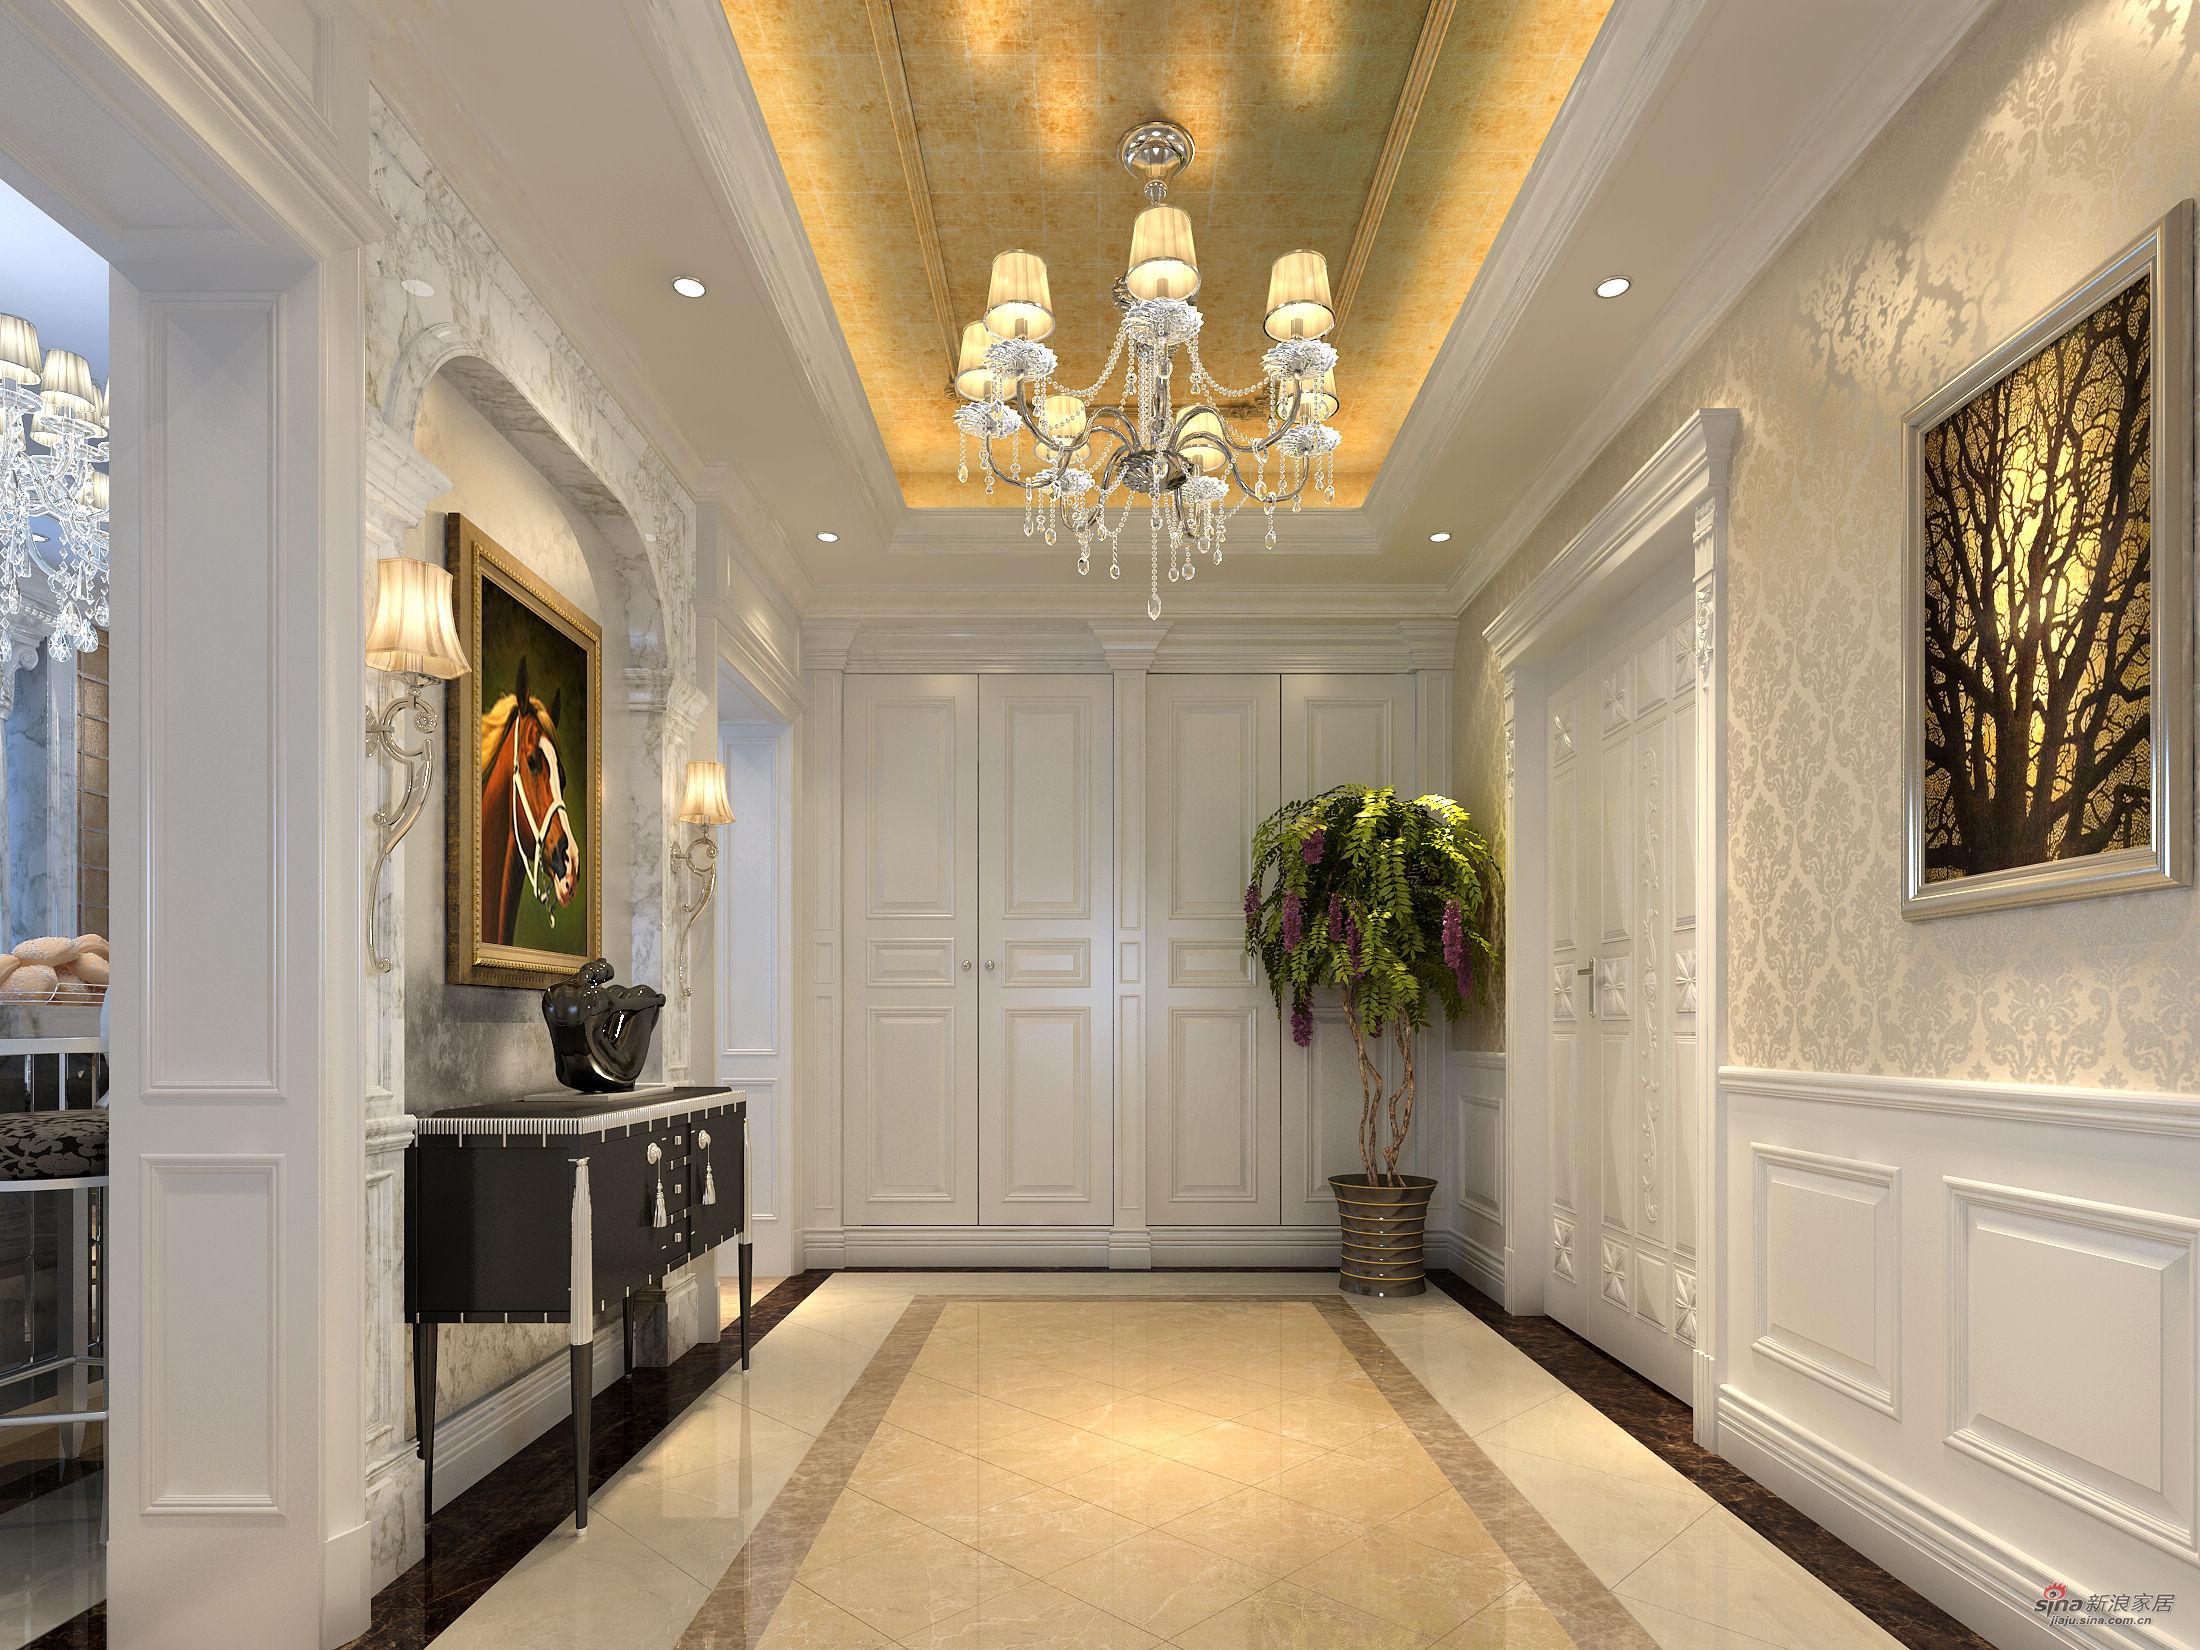 新古典 别墅 玄关图片来自用户1907701233在提香.草堂大别墅新古典典范43的分享